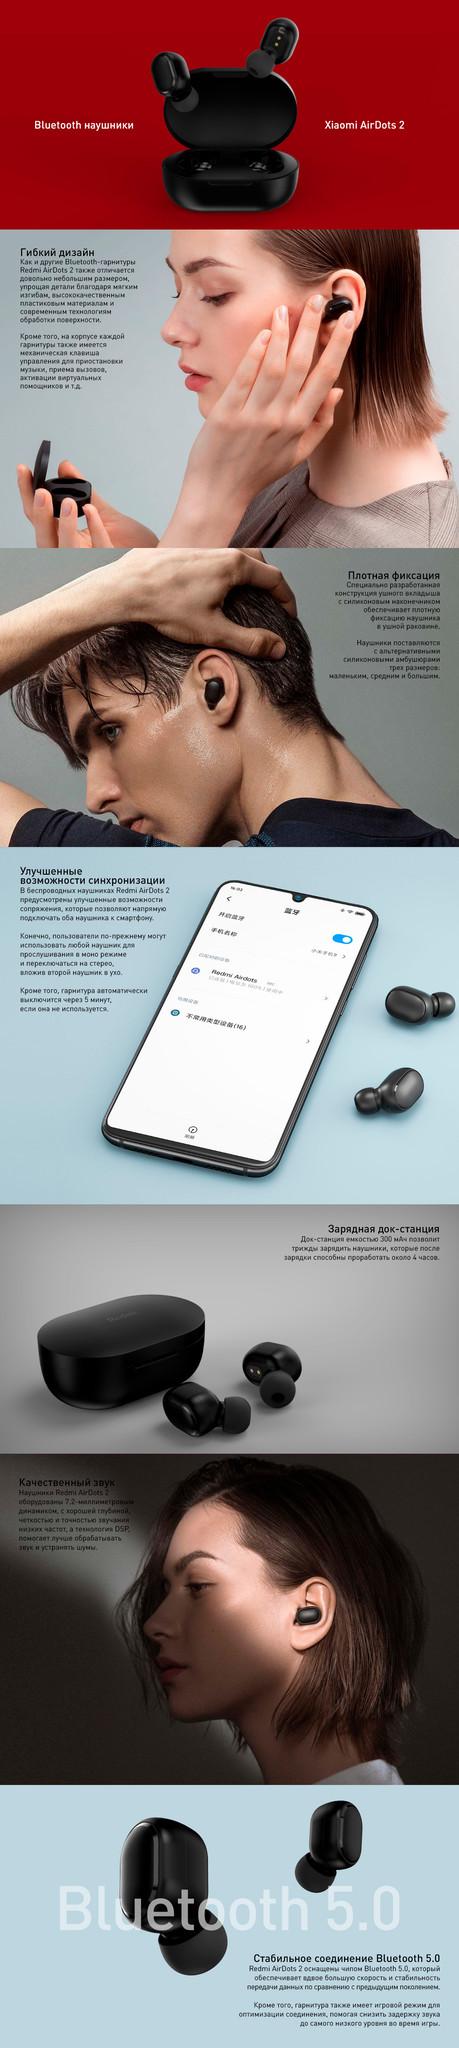 Гарнітура bluetooth Xiaomi Mi True Wireless Навушники Basic 2 2020 Оригінал! Bluetooth Чорний